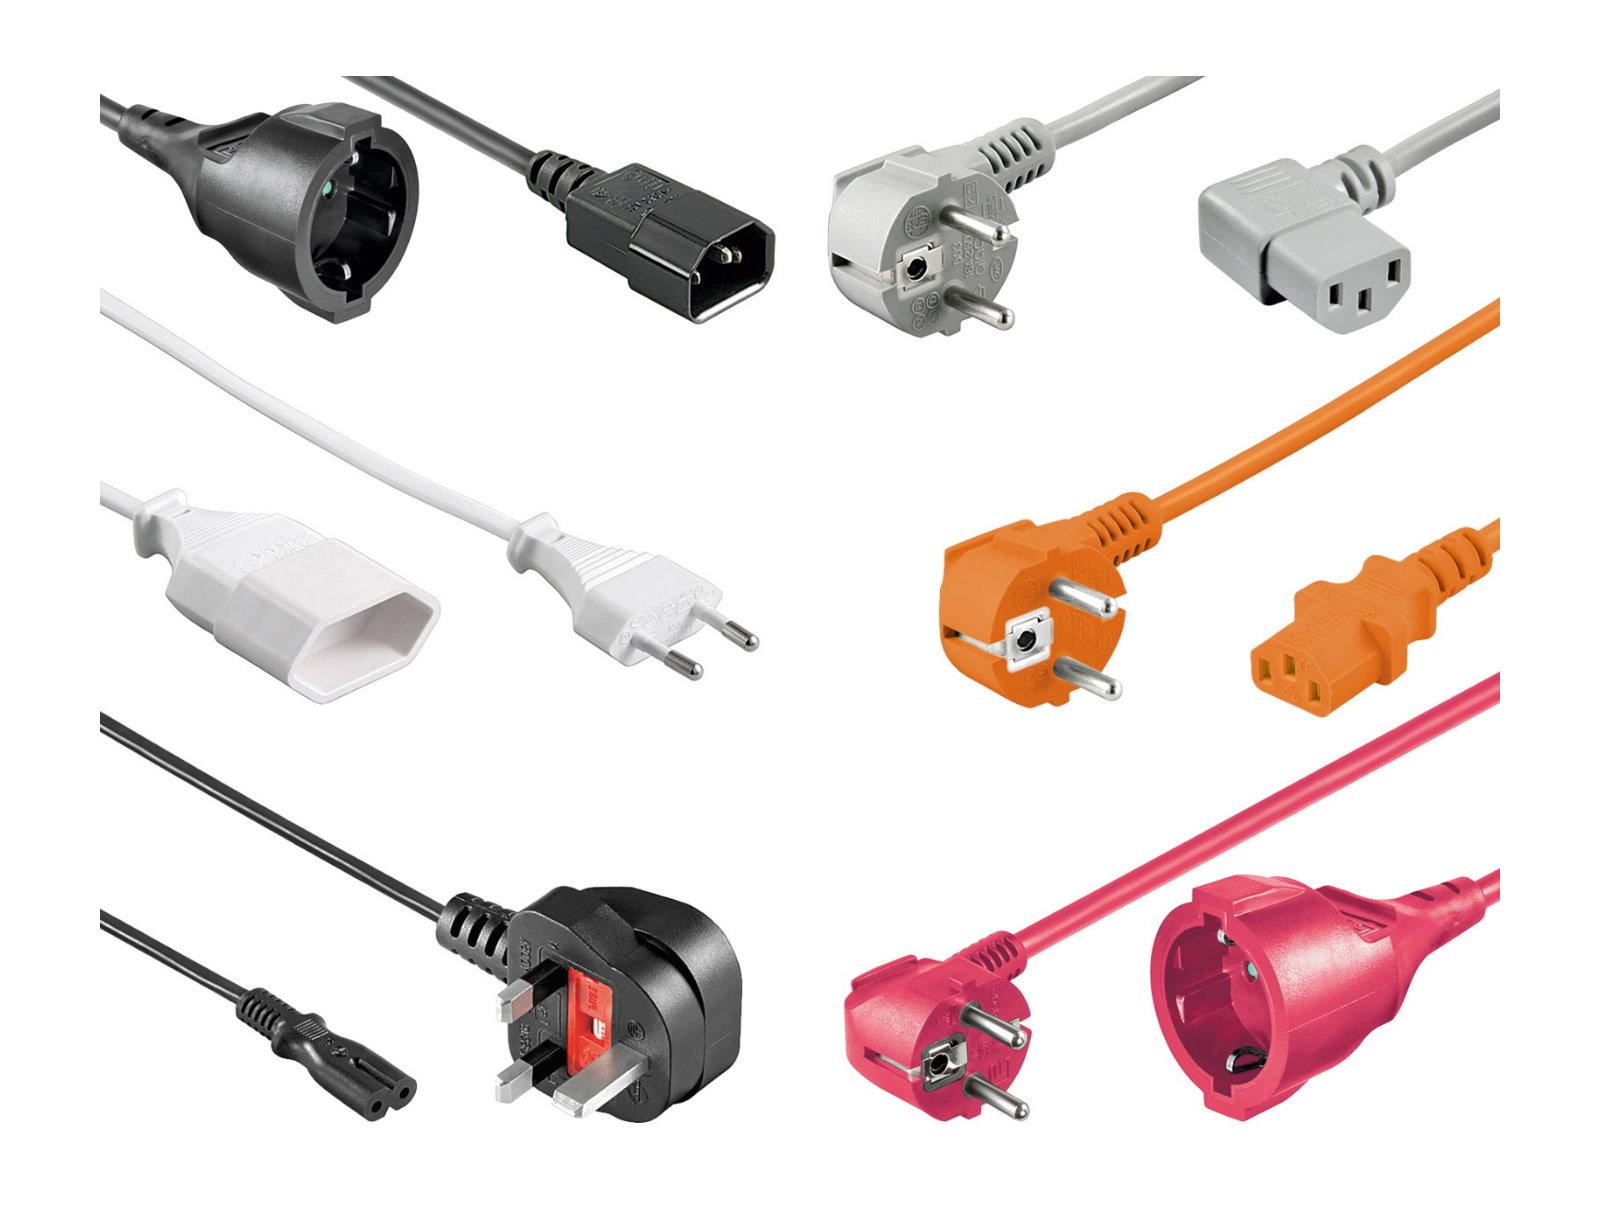 Stromkabel-Netzkabel-Netz-Strom-Kabel-Kaltgeraet-Verlaengerung-Buchse-Stecker-PC